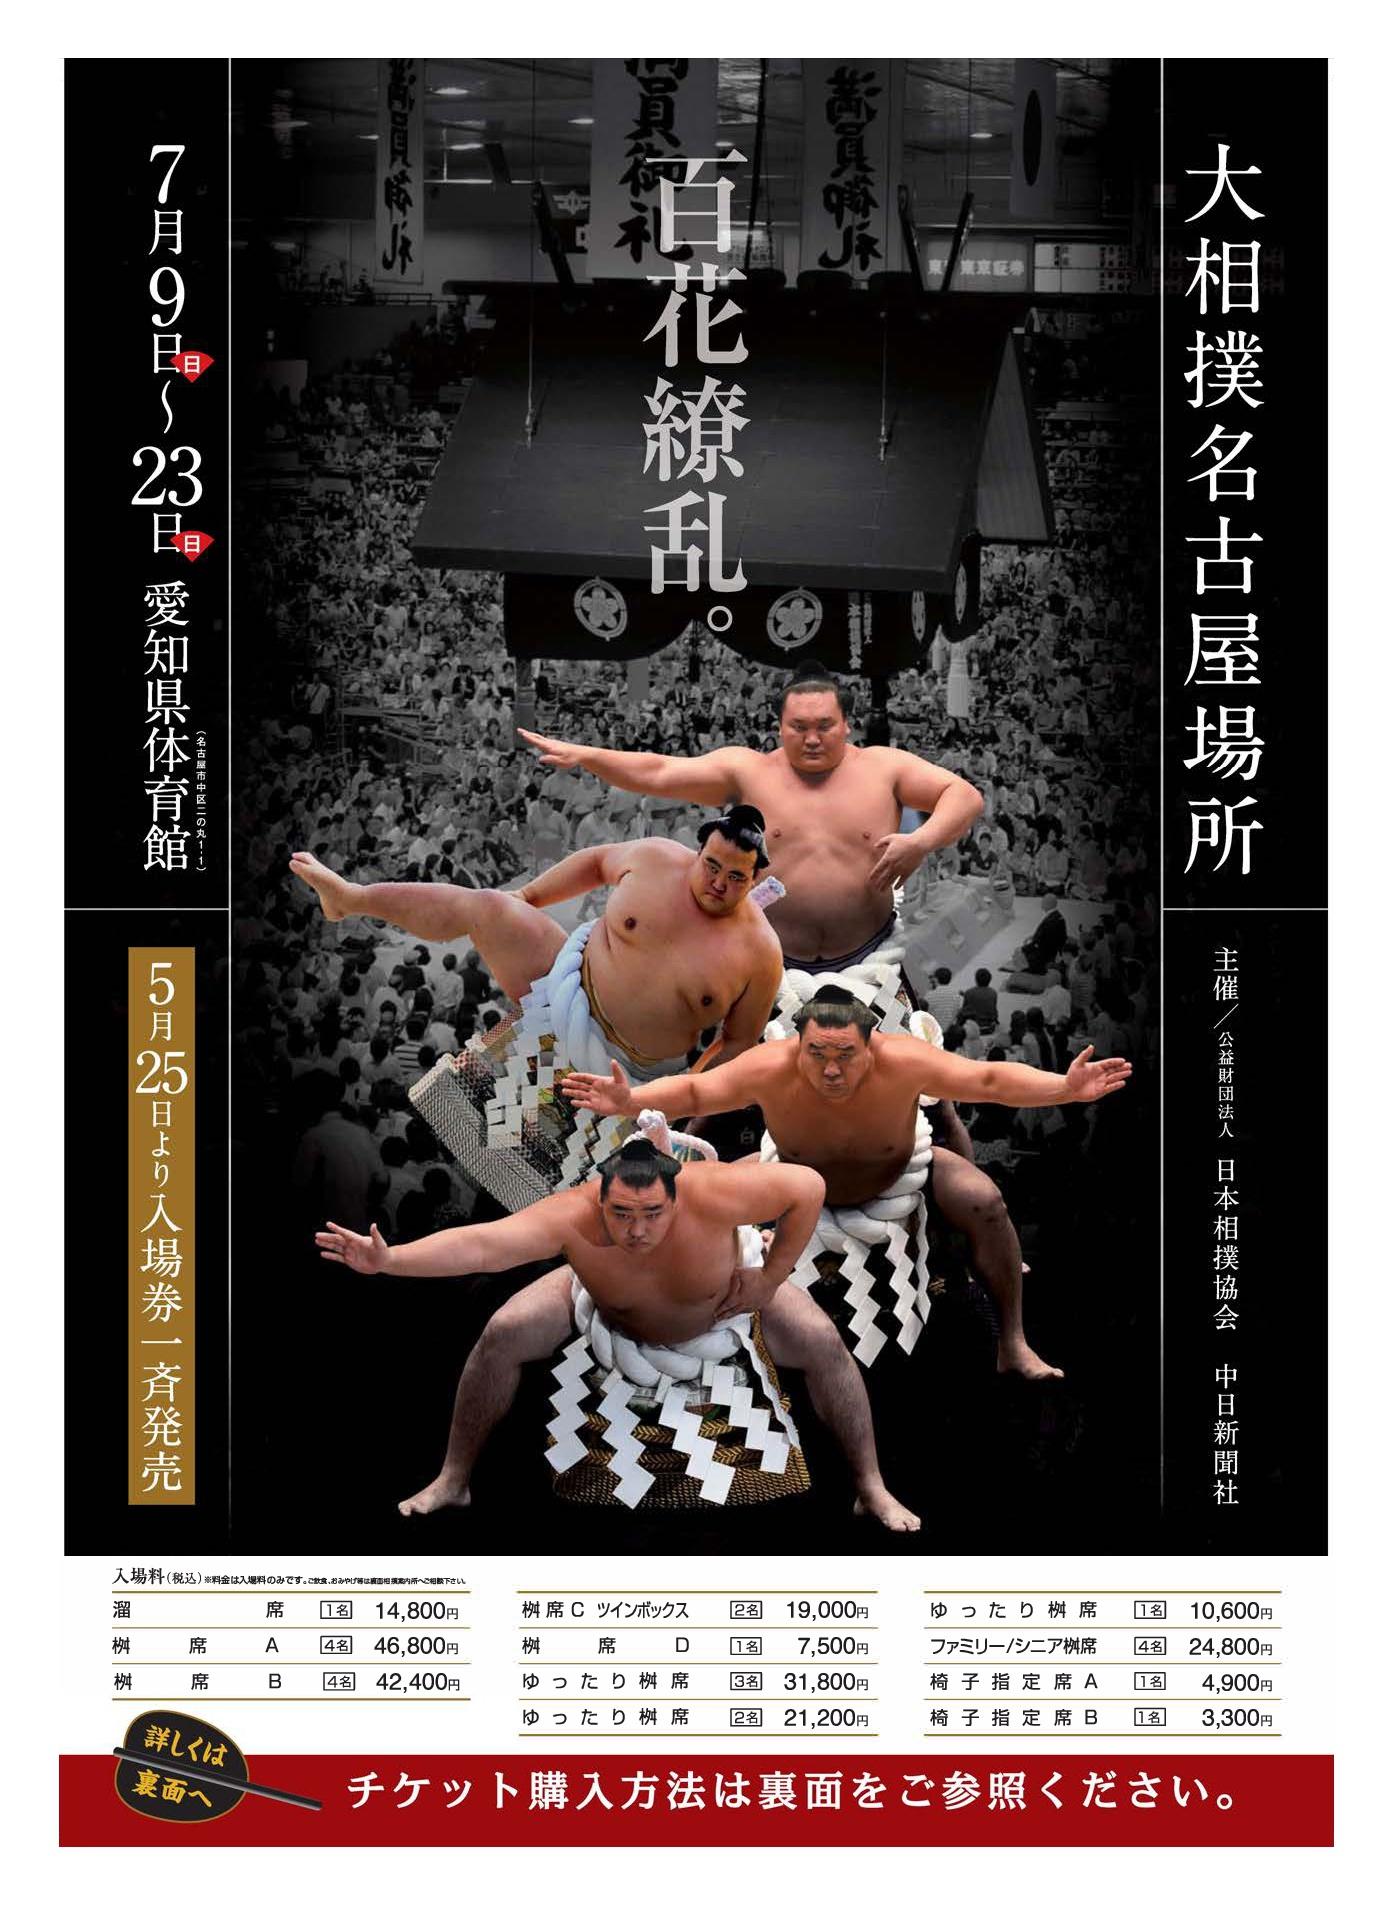 20170604-2017-nagoya-poszter.jpg